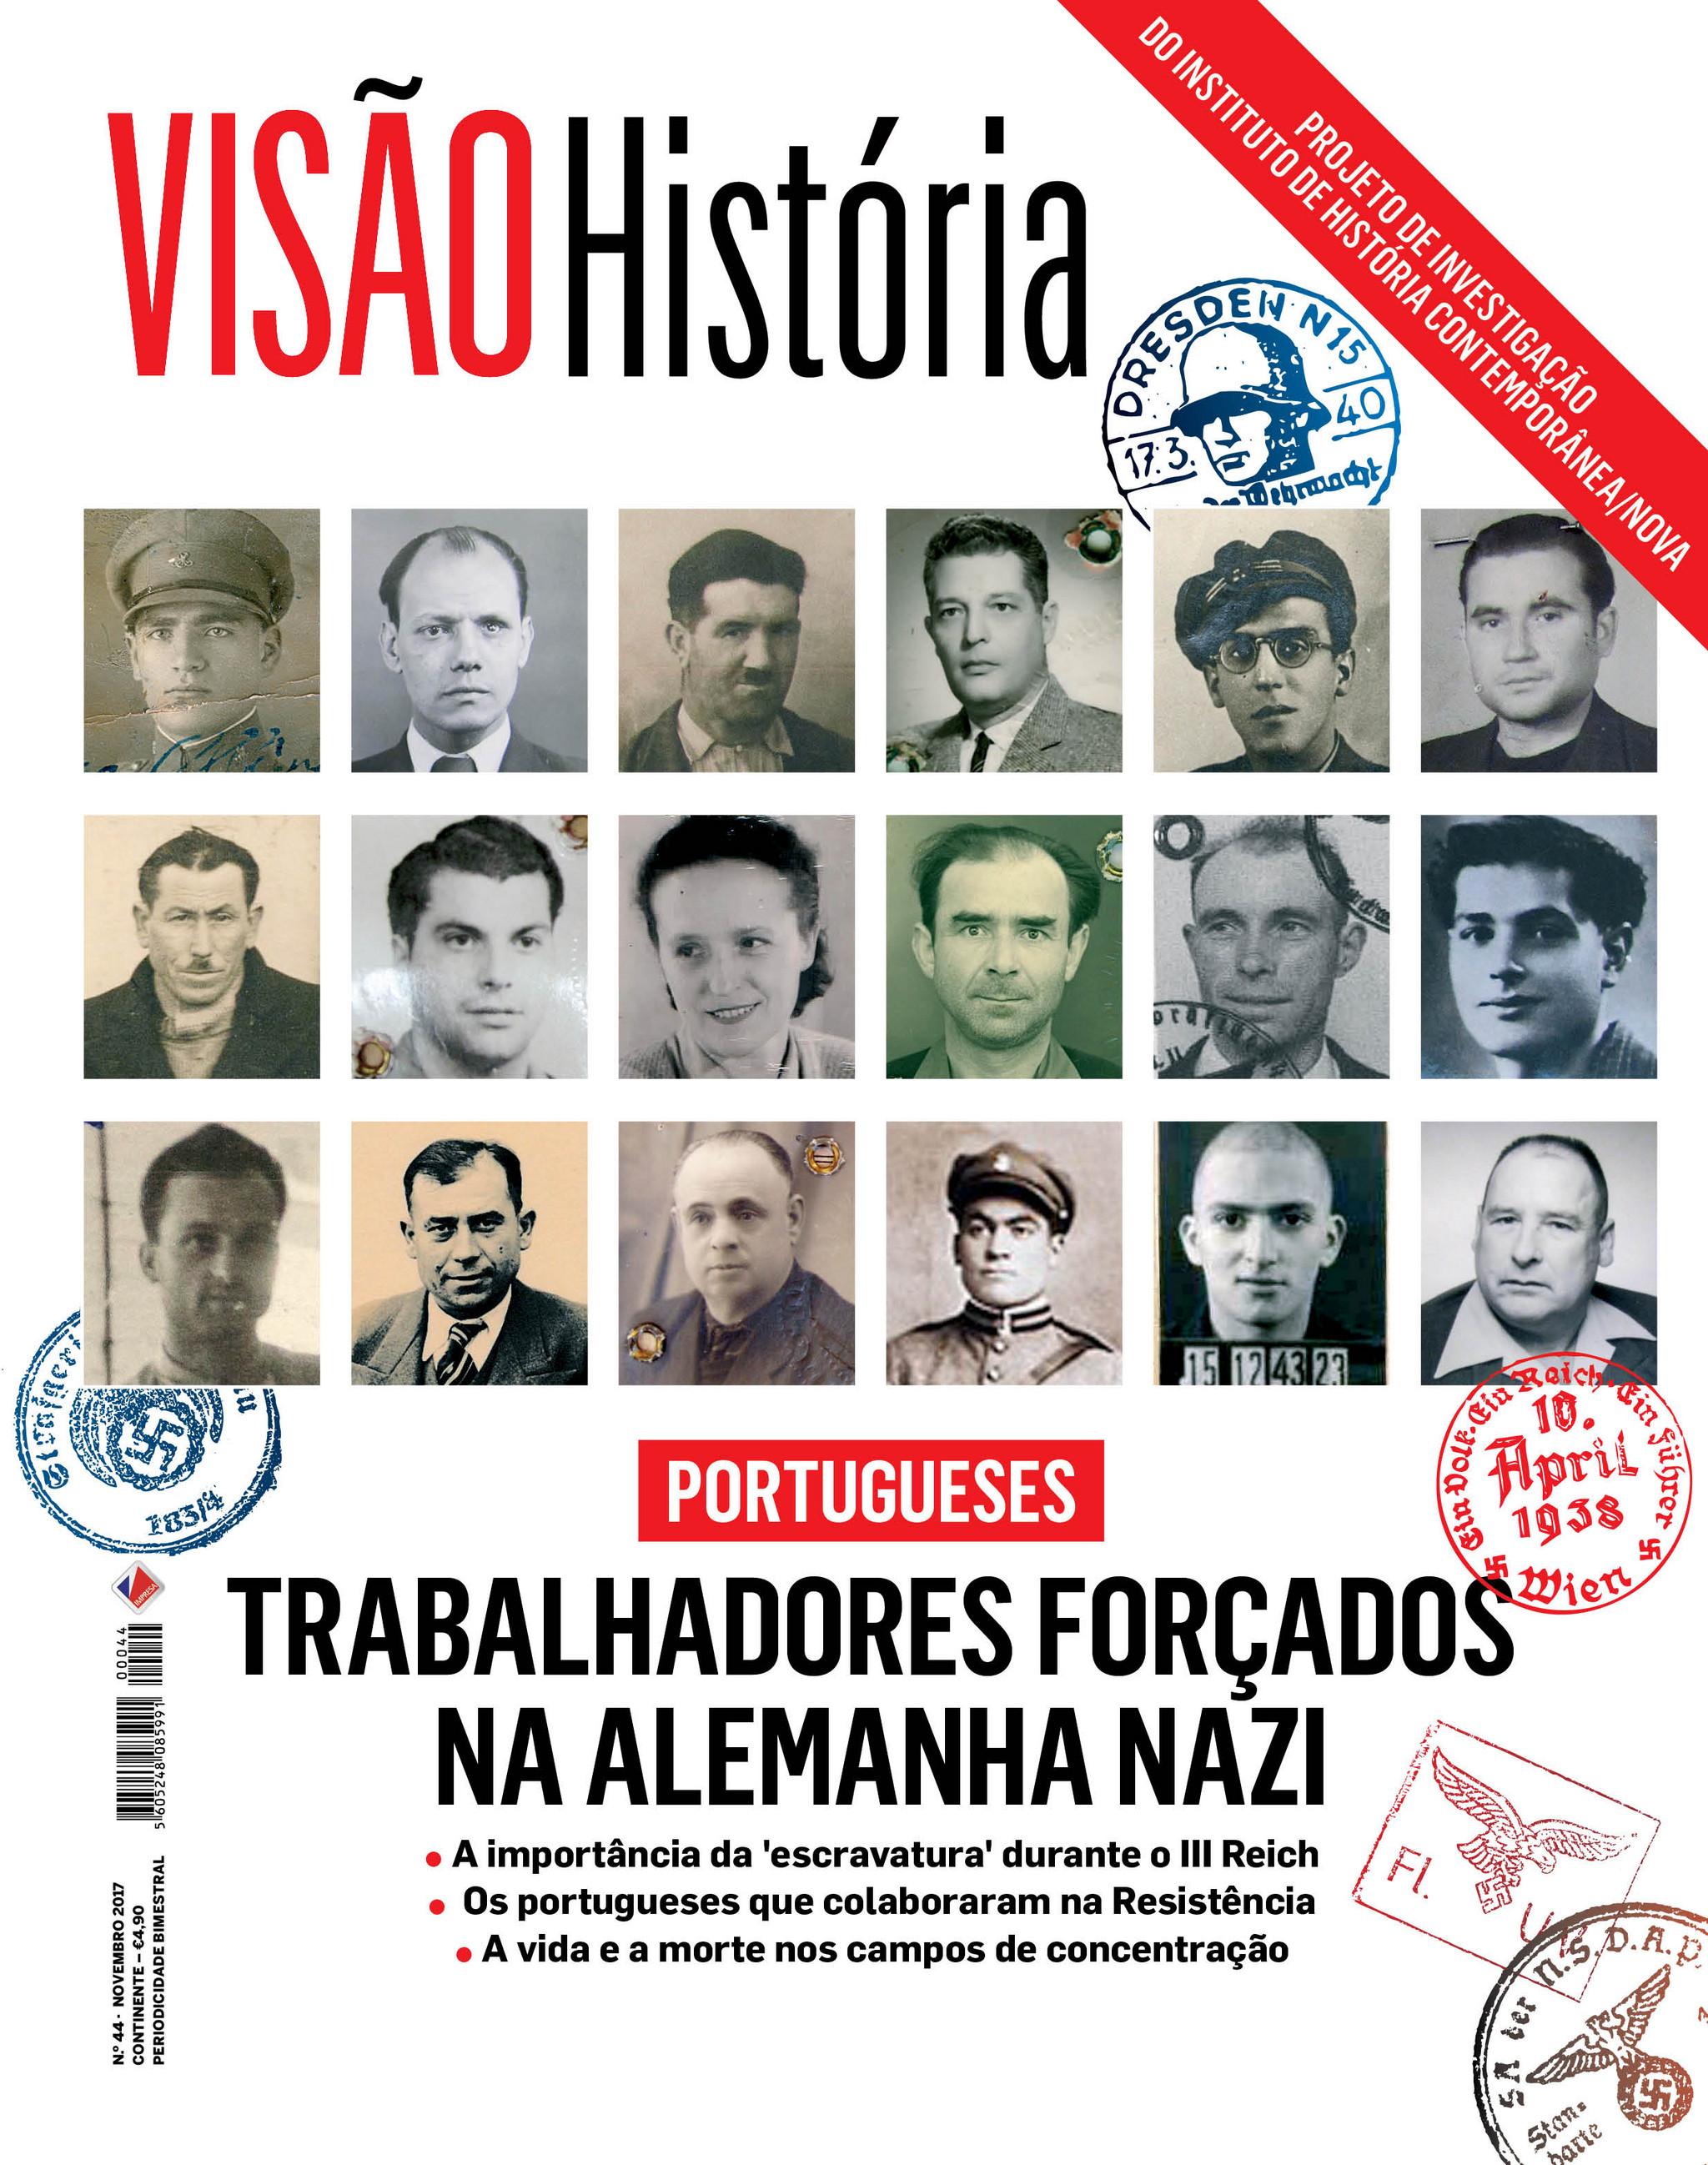 Portugueses trabalhadores forçados na Alemanha nazi